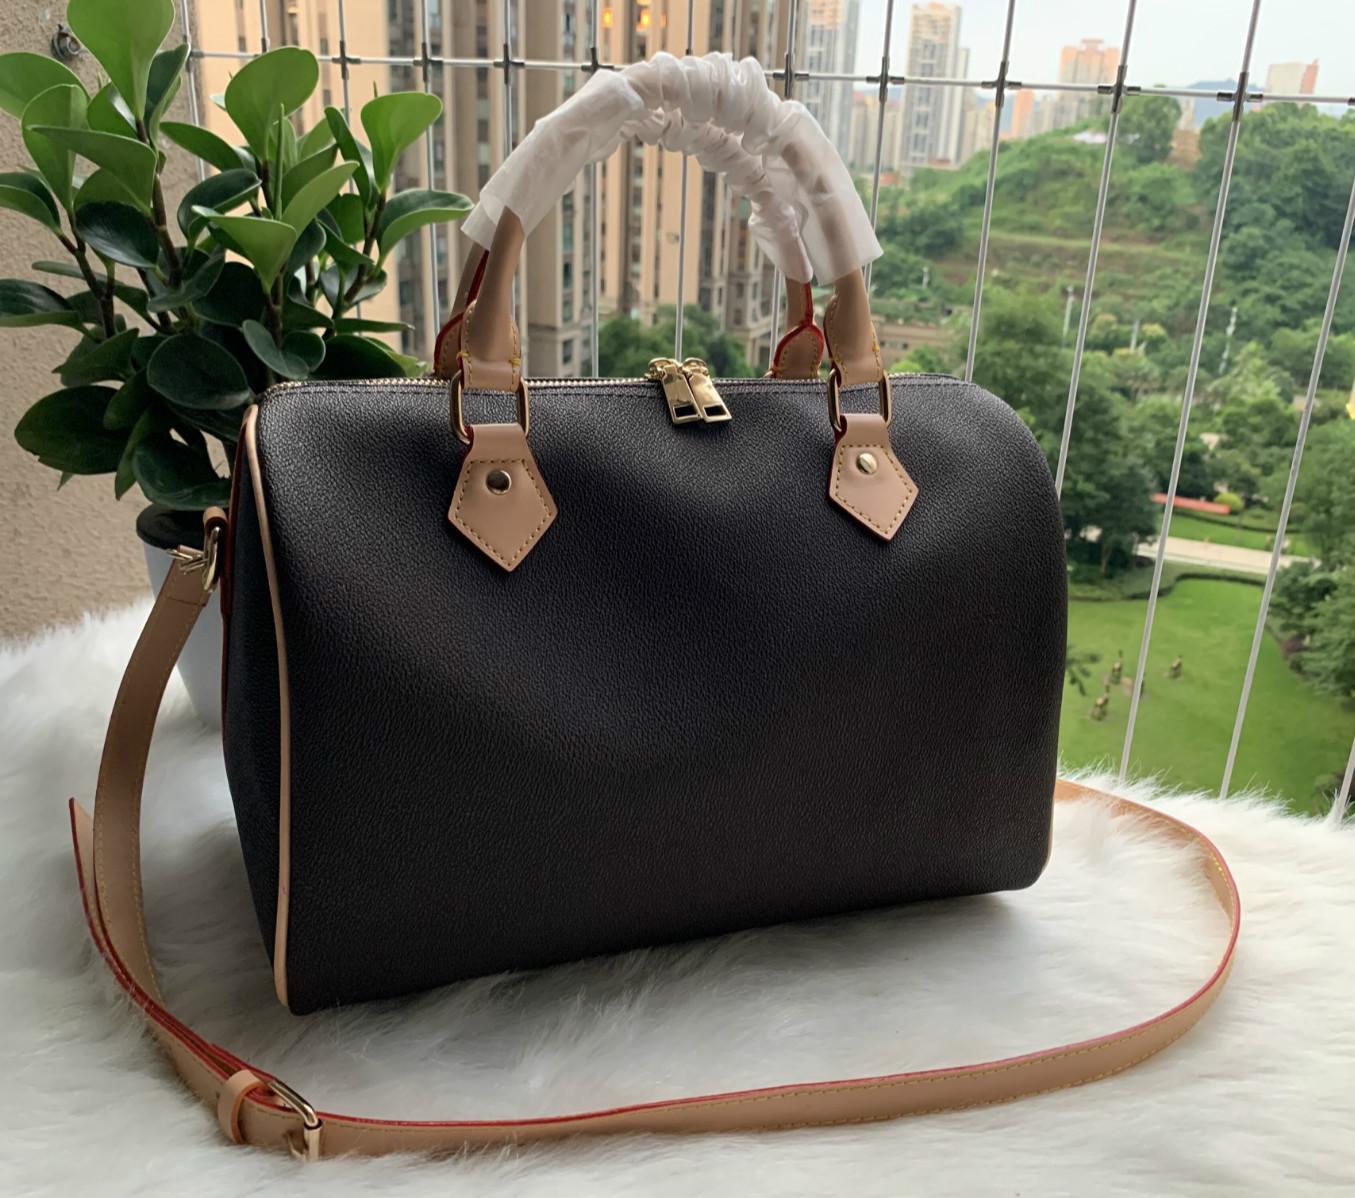 2020 borsa messenger donne di stile classico della moda Borse a tracolla delle donne del sacchetto della signora Totes borse 30 centimetri Con tracolla, blocco